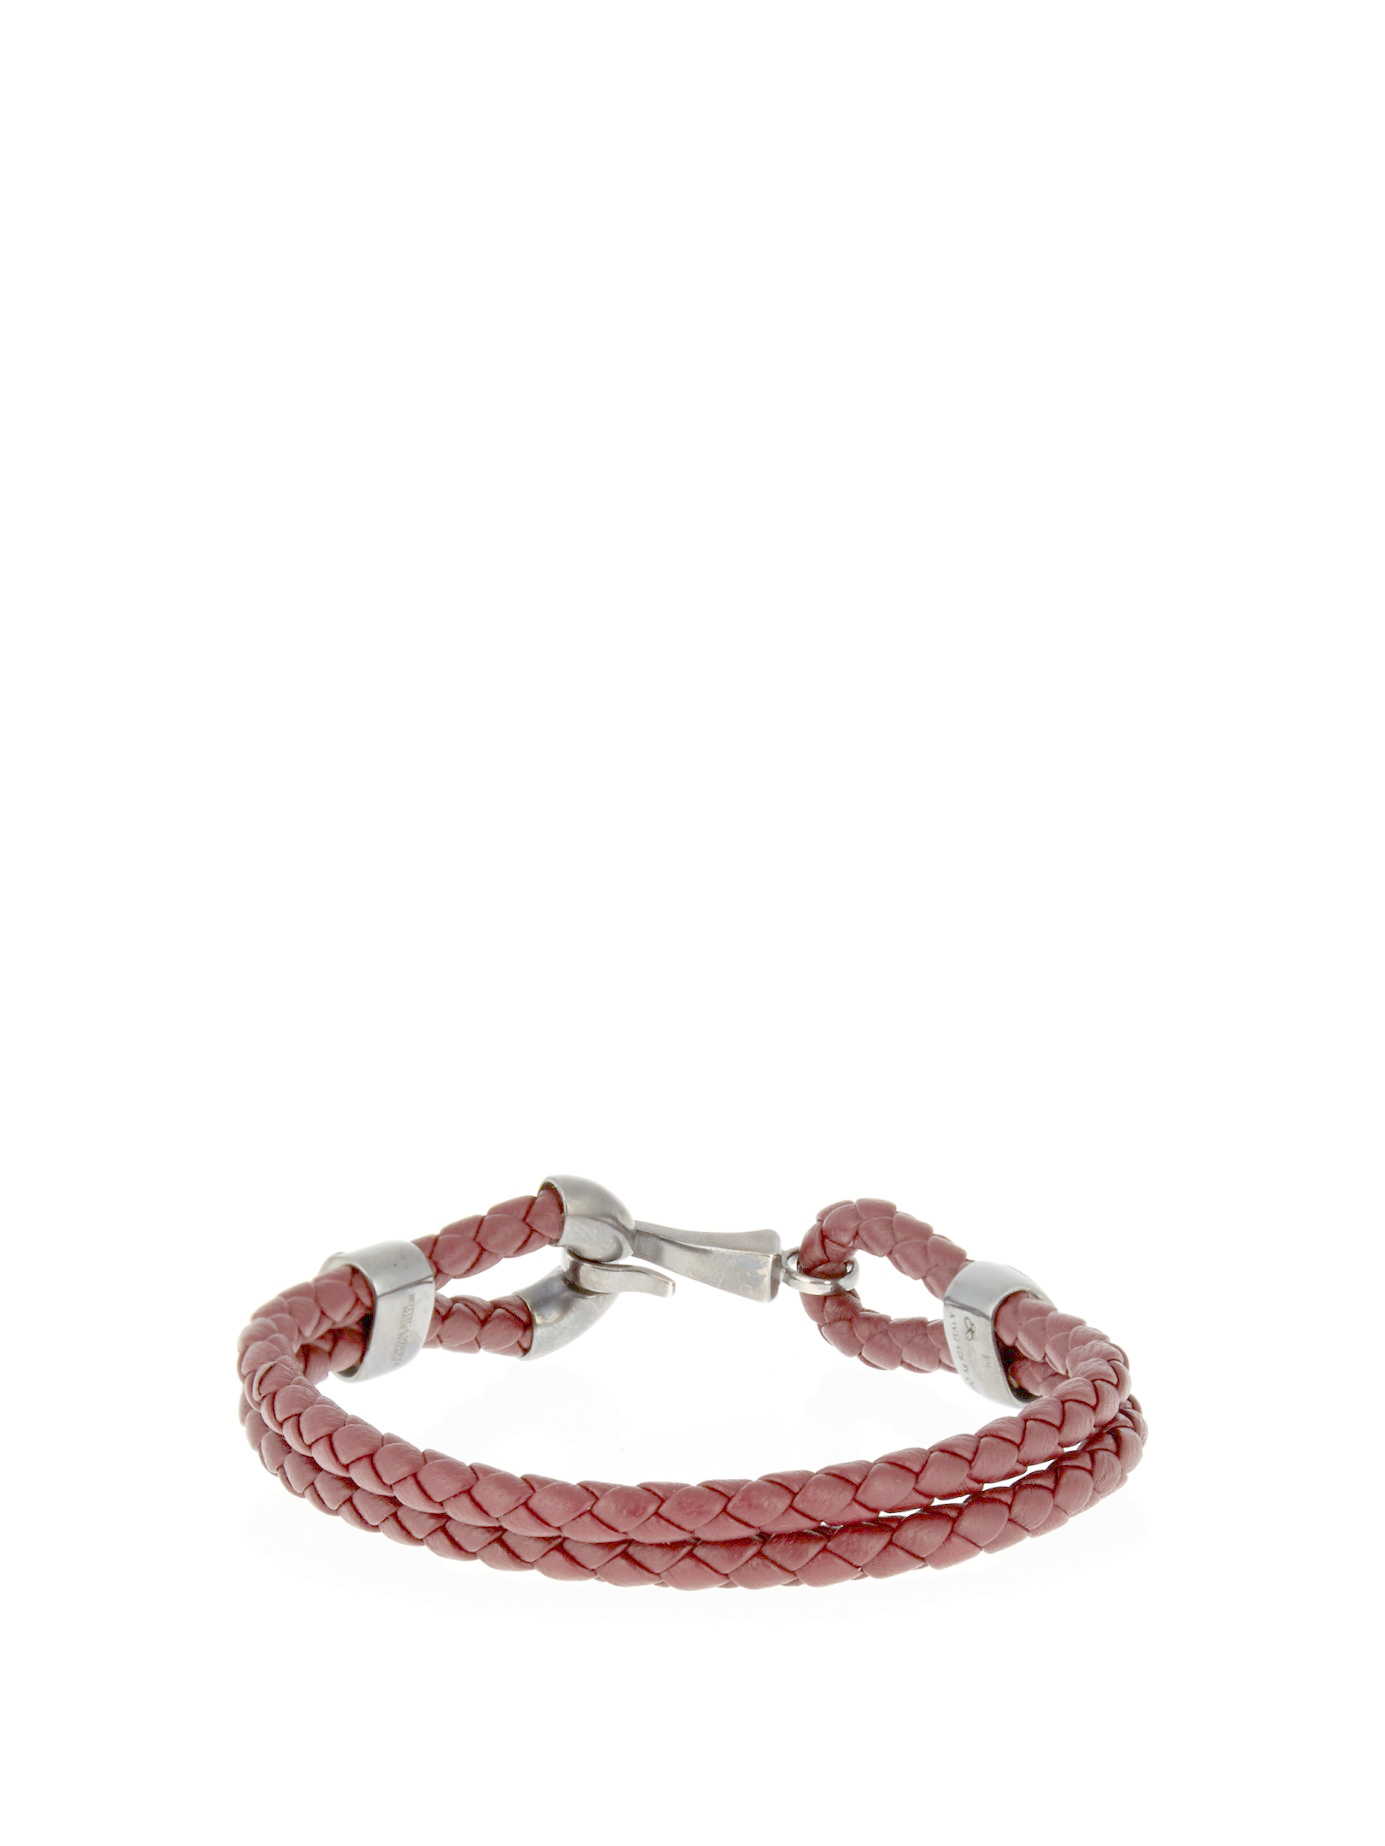 Lyst Bottega Veneta Intrecciato Leather Bracelet In Brown